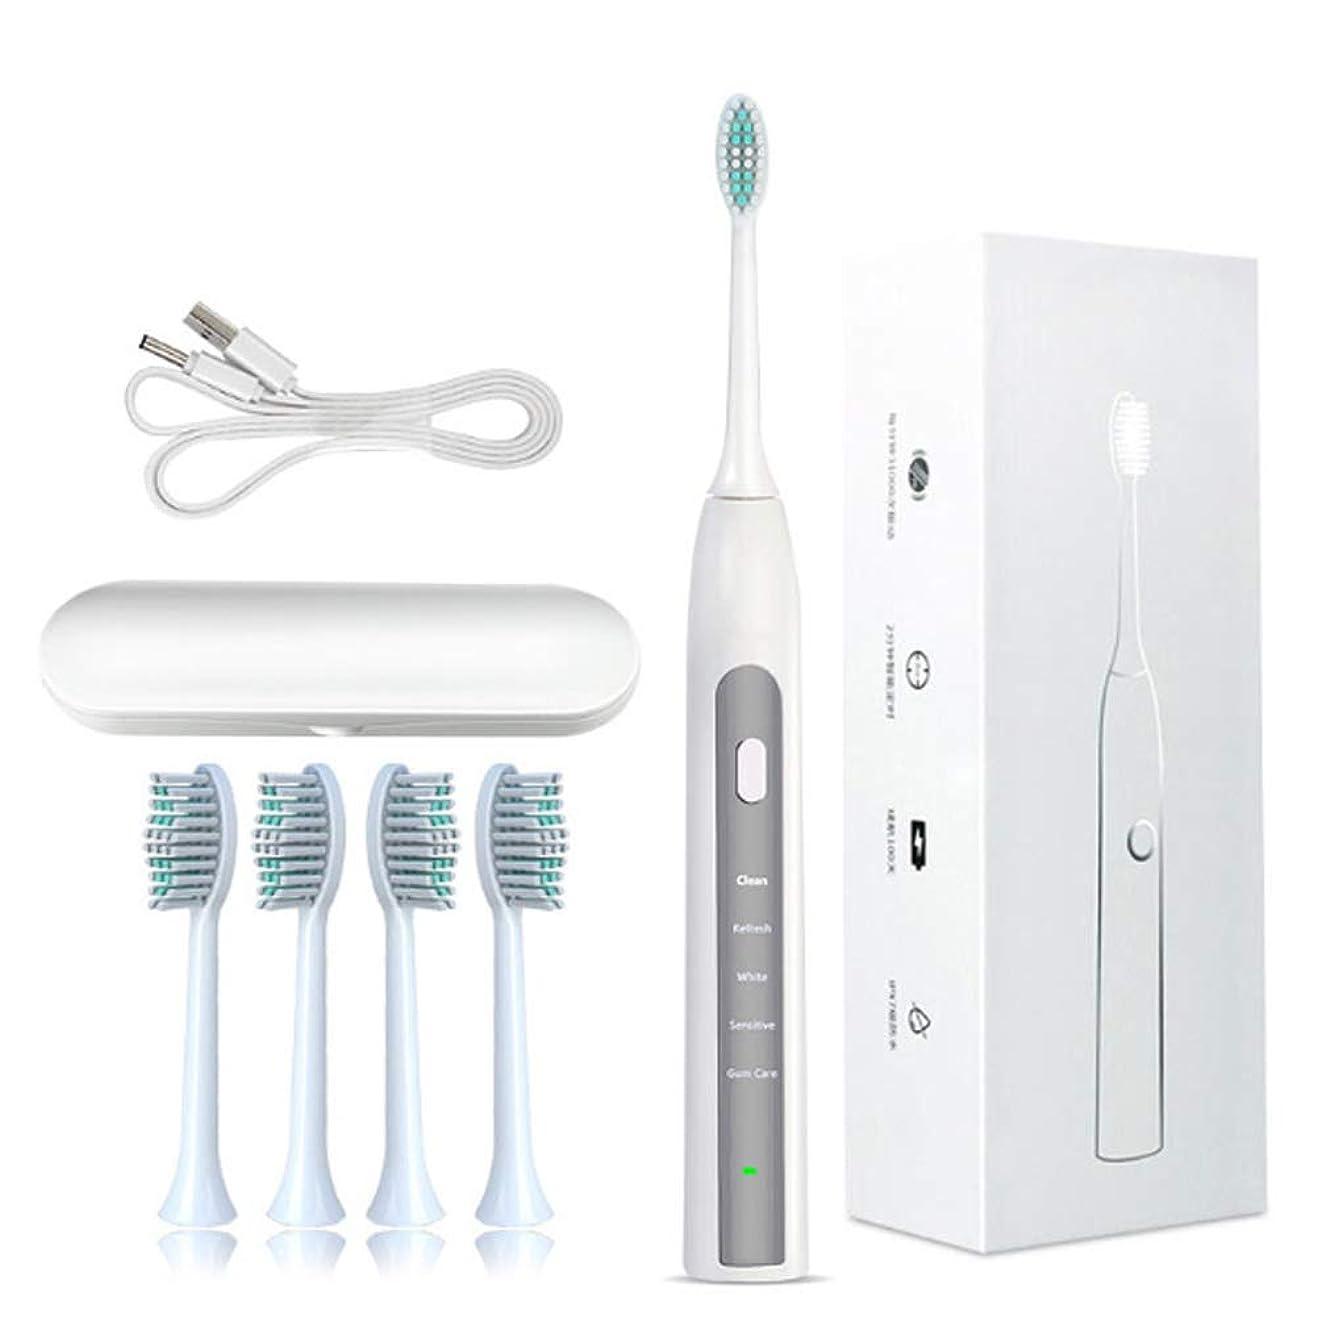 銀河不要者超音波電動歯ブラシ大人の子供の家の柔らかい毛のBluetoothのスマートな電動歯ブラシ-gray